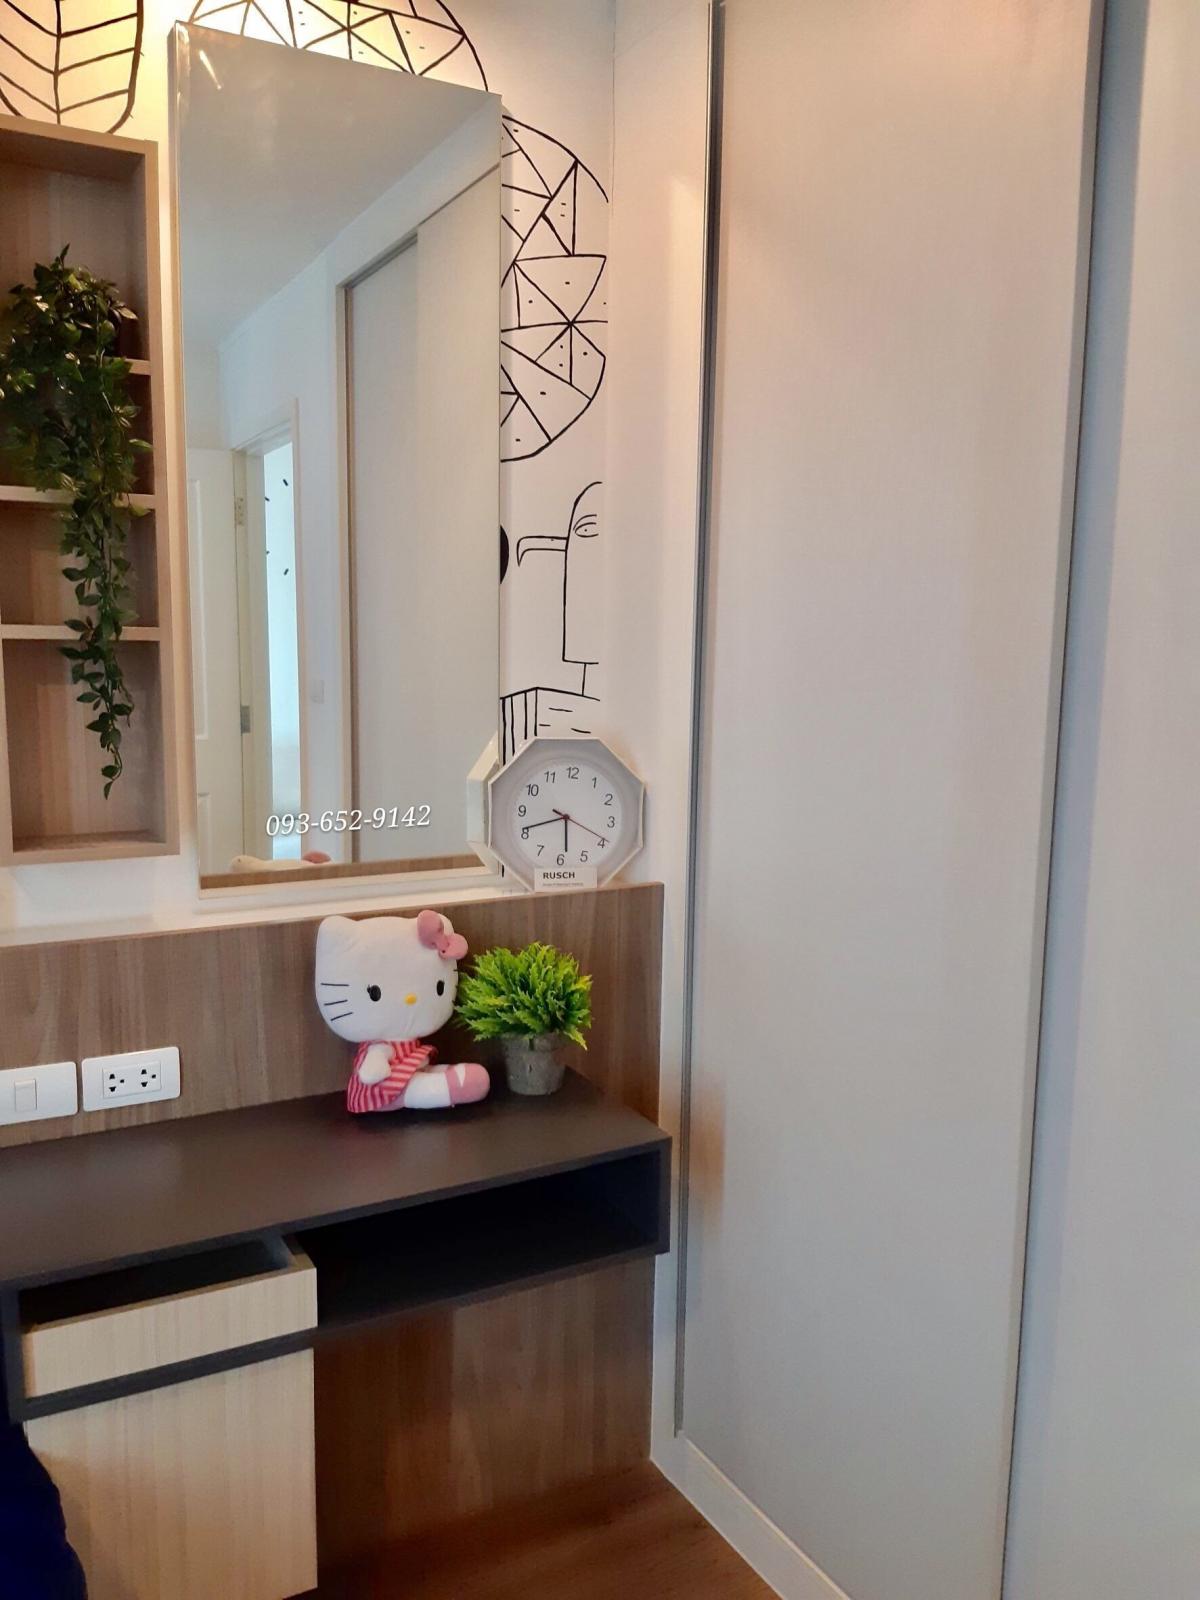 รูปของประกาศเช่าคอนโดยู ดีไลท์ แอท ตลาดพลู สเตชั่น(1 ห้องนอน)(2)